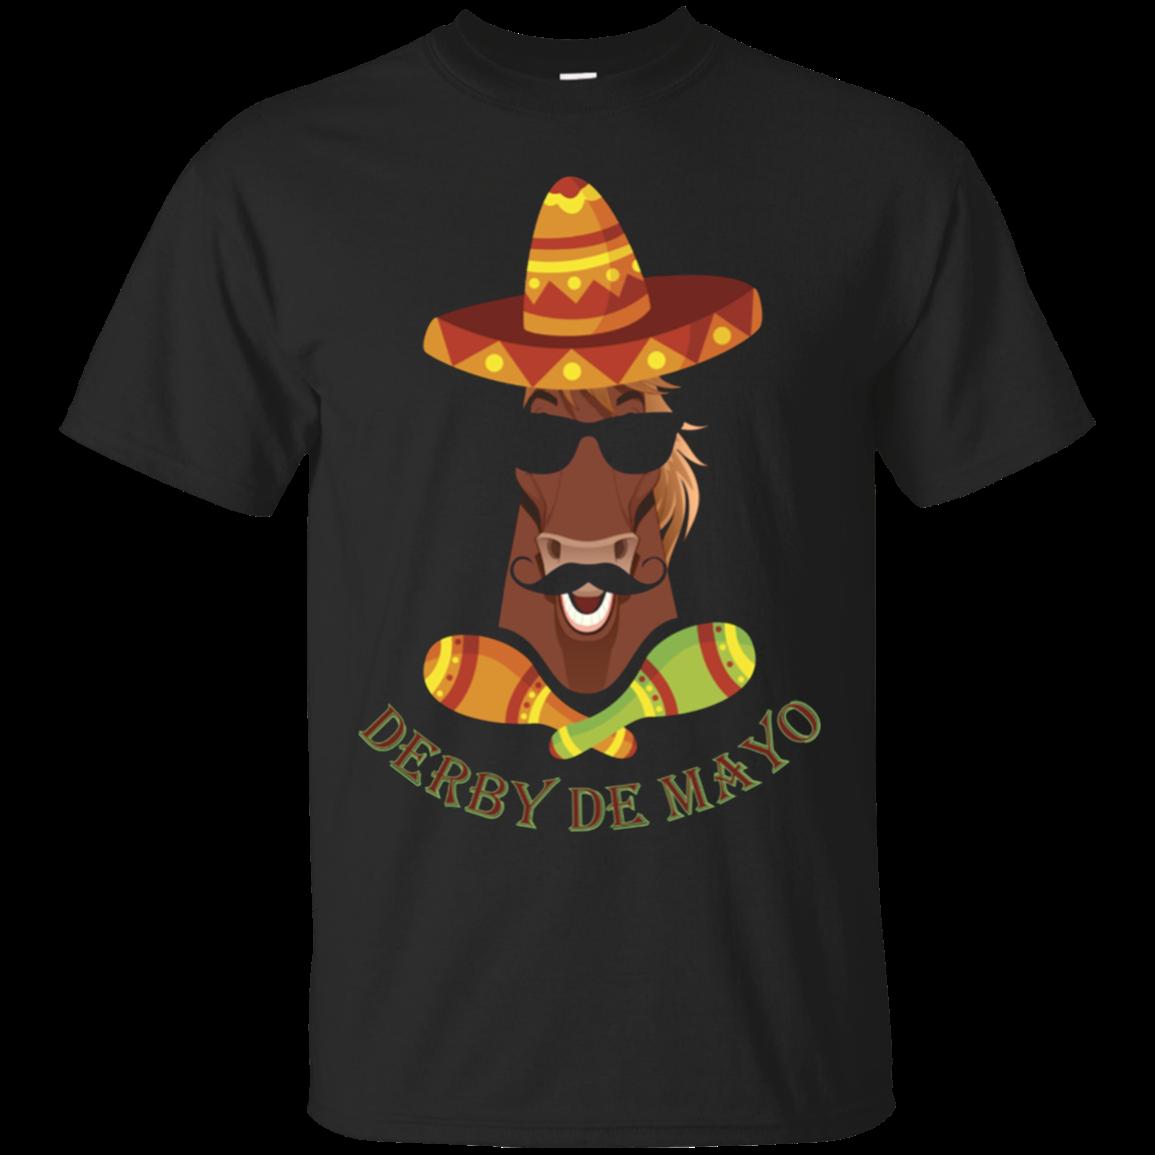 Derby De Mayo Kentucky Horse Race Sombrero Mexican shirt Cotton t shirt Men